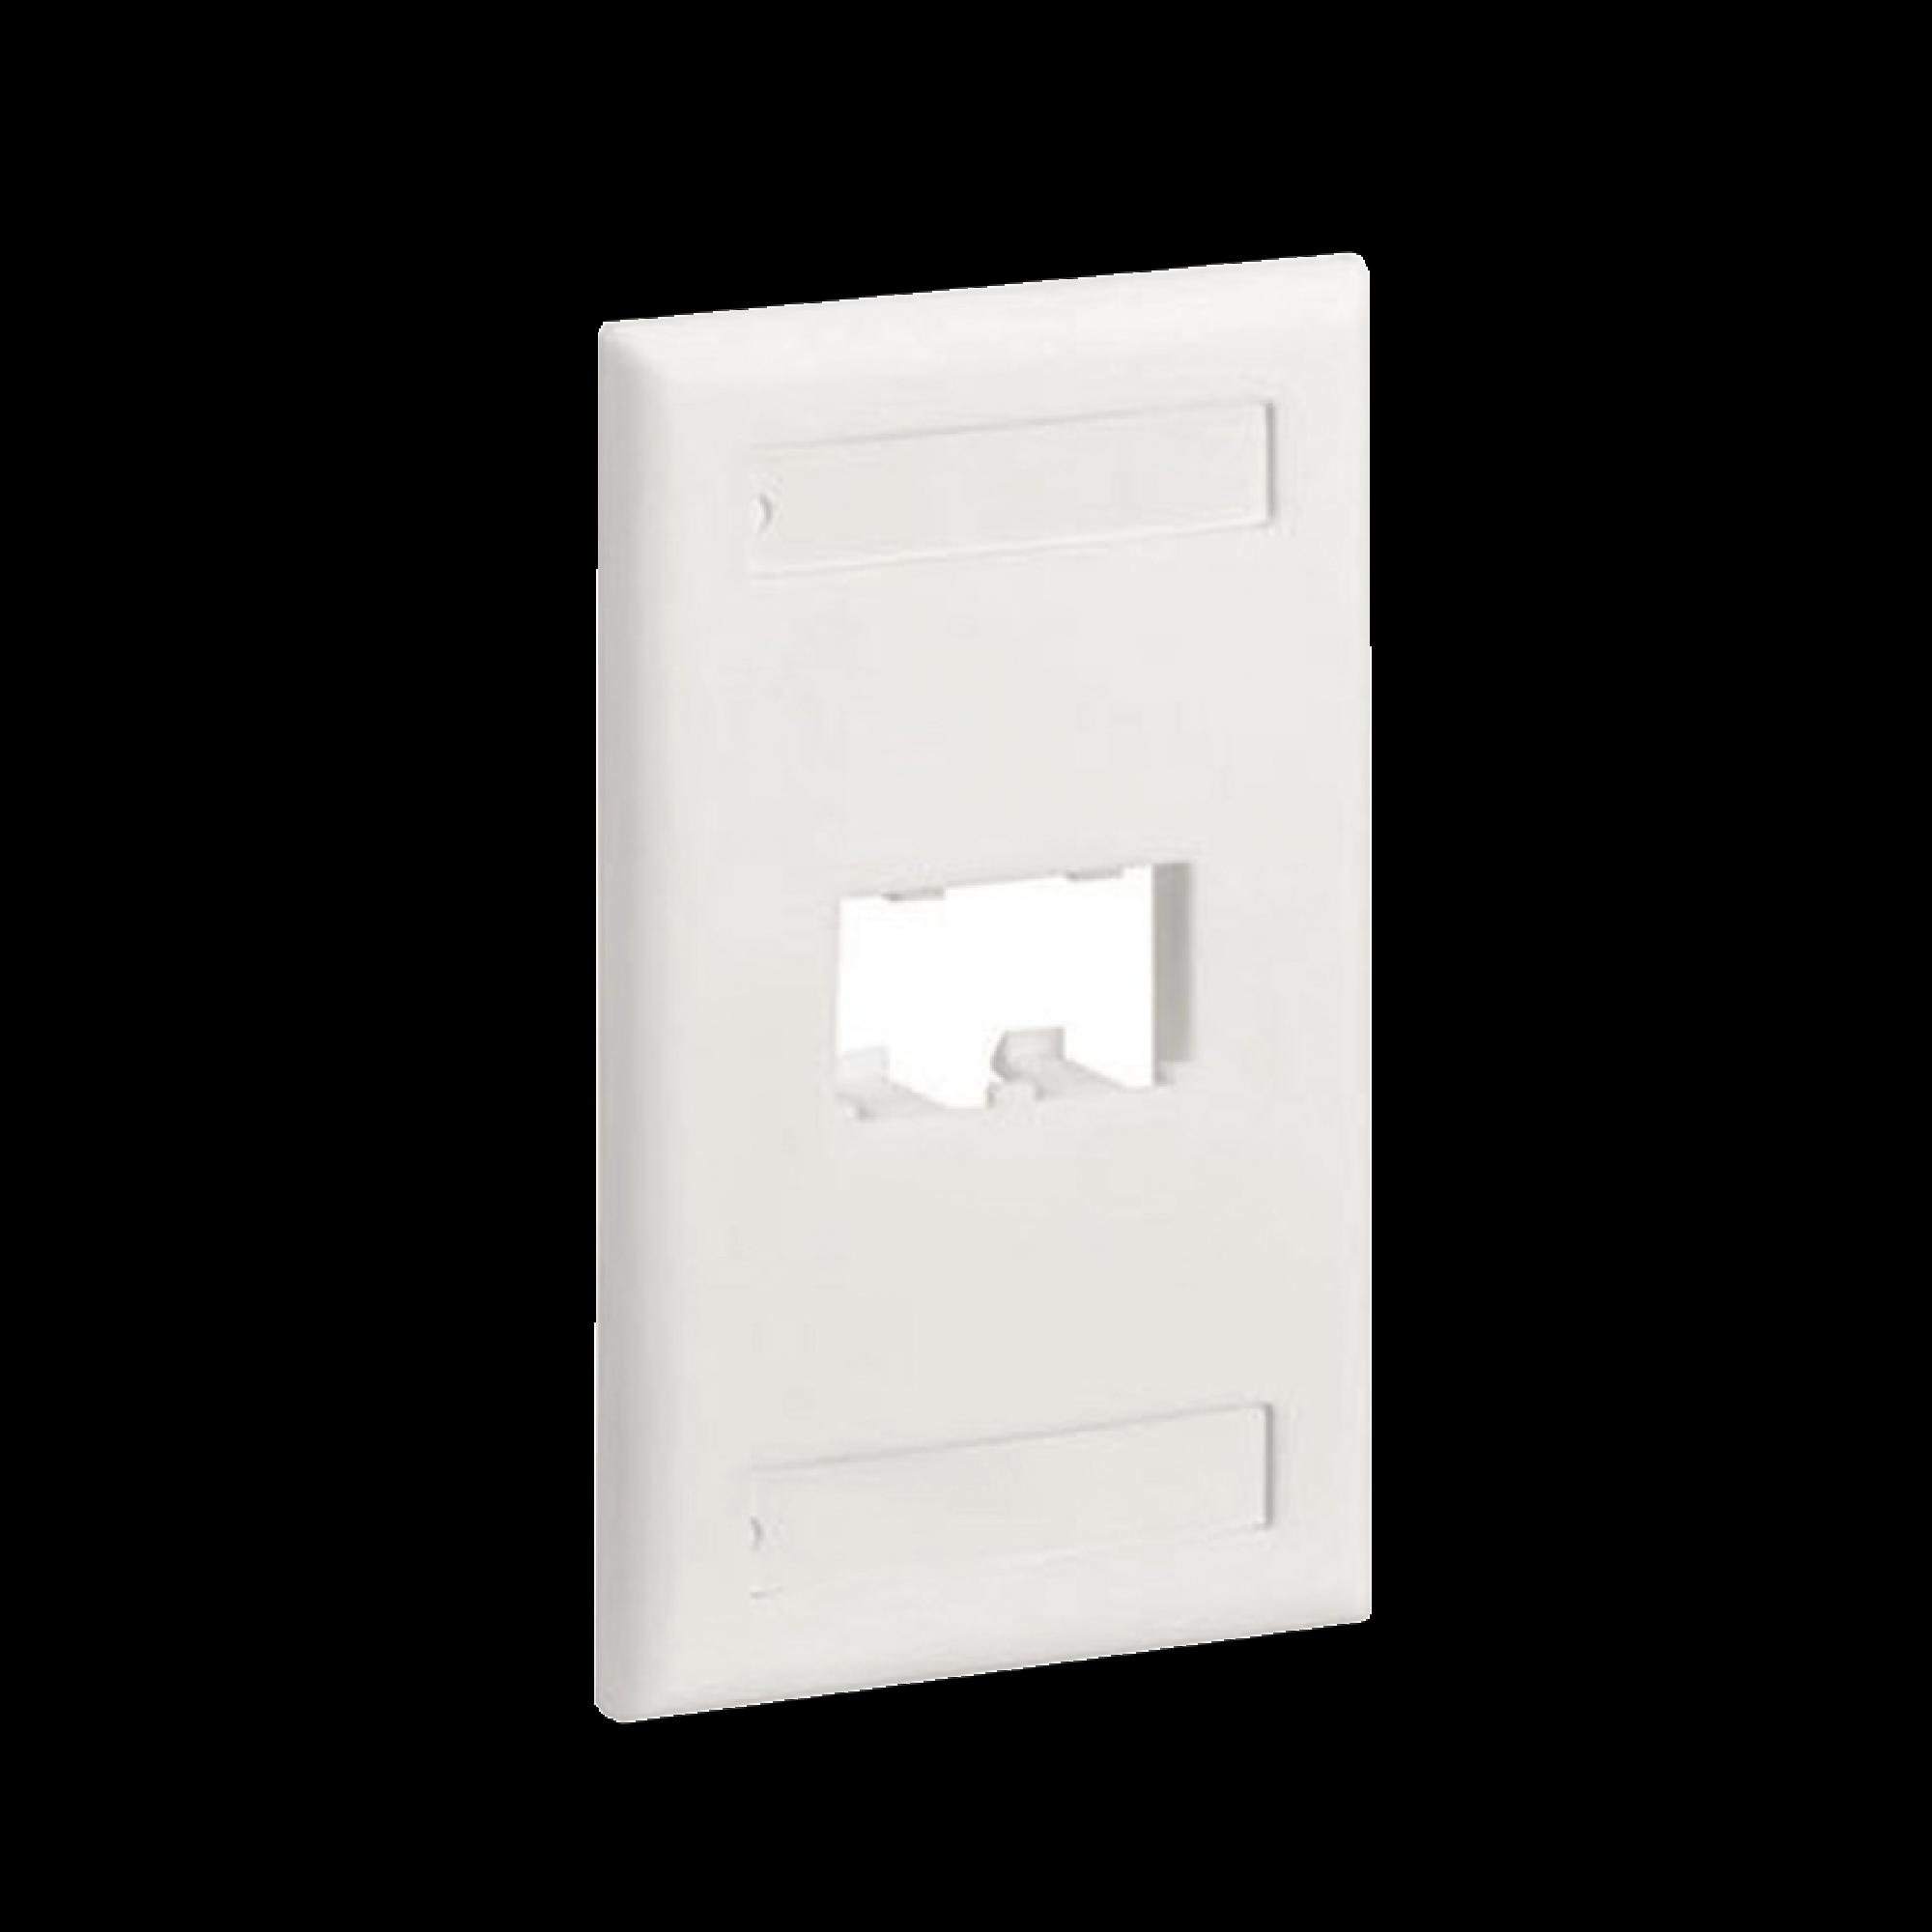 Placa de Pared Vertical Clásica, Salida Para 2 Puertos Mini-Com, Con Espacios Para Etiquetas, Color Blanco Mate